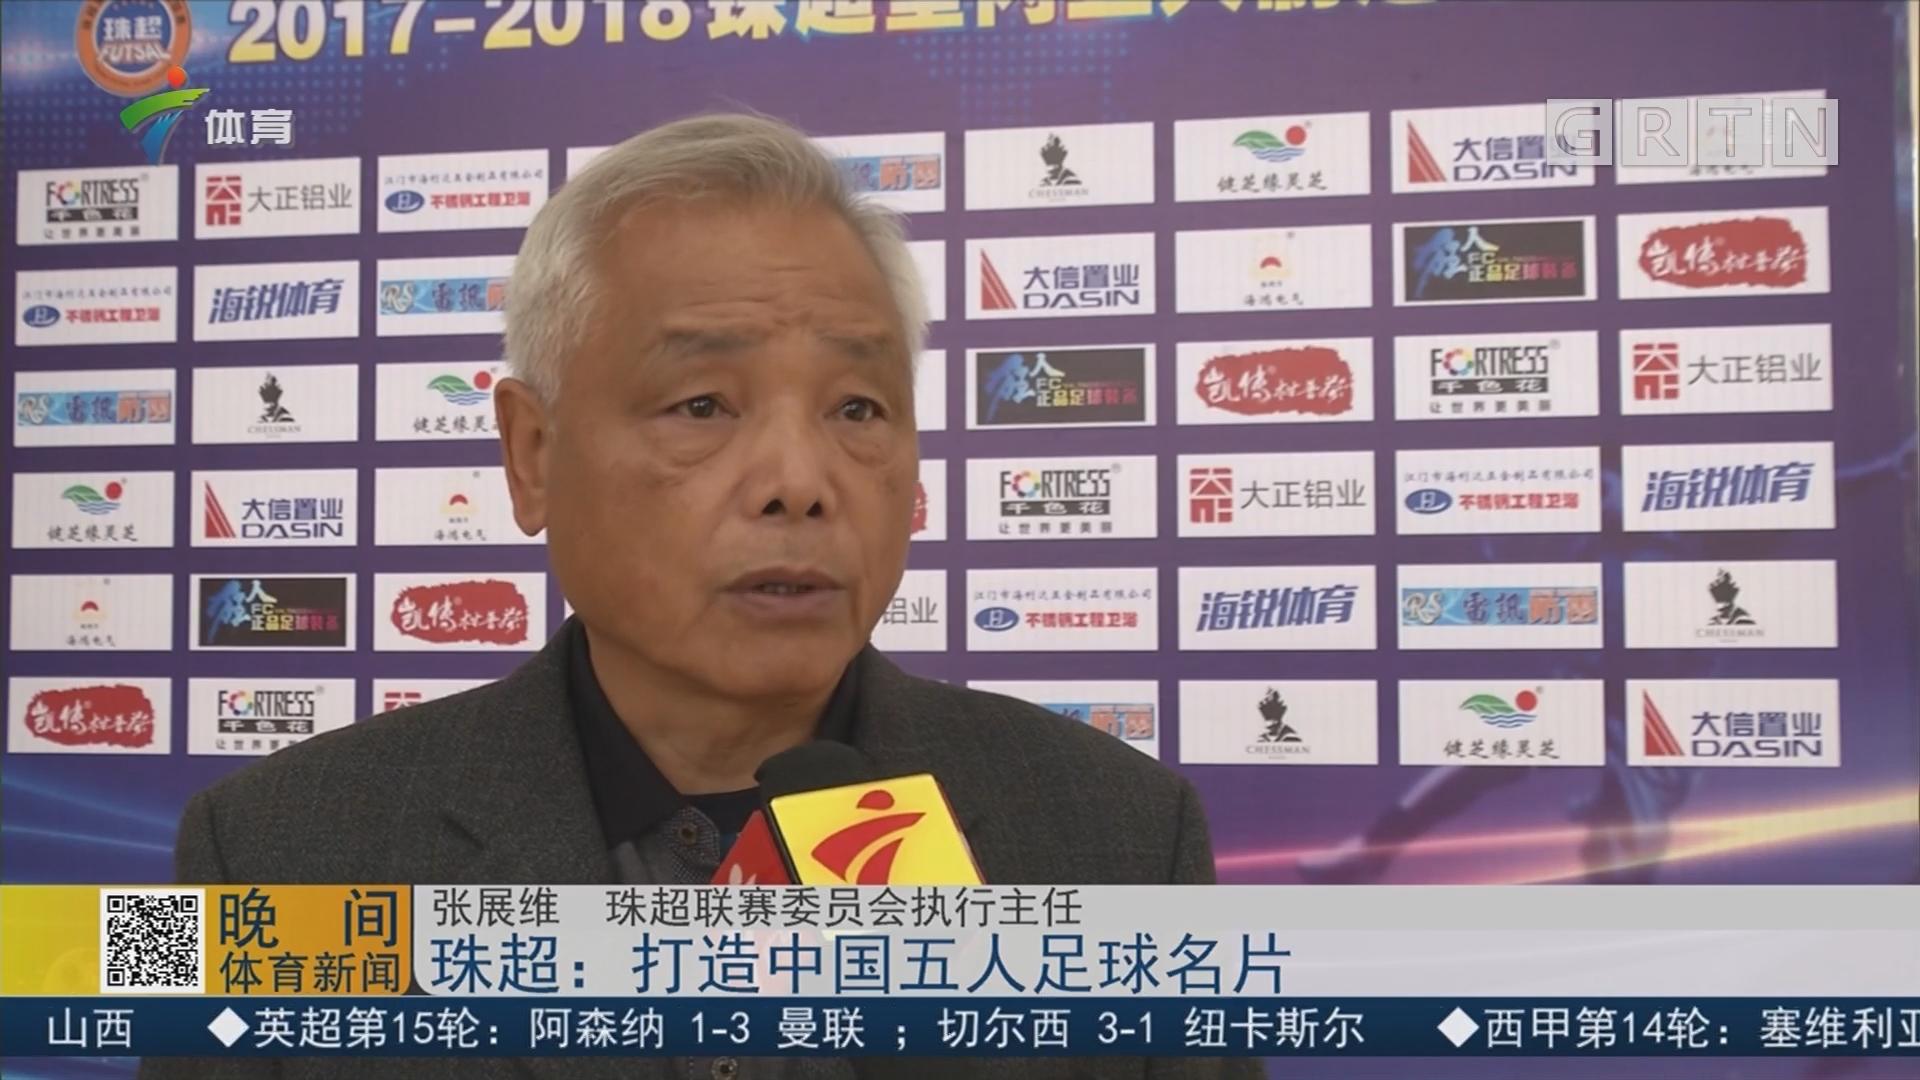 珠超:打造中国五人足球名片